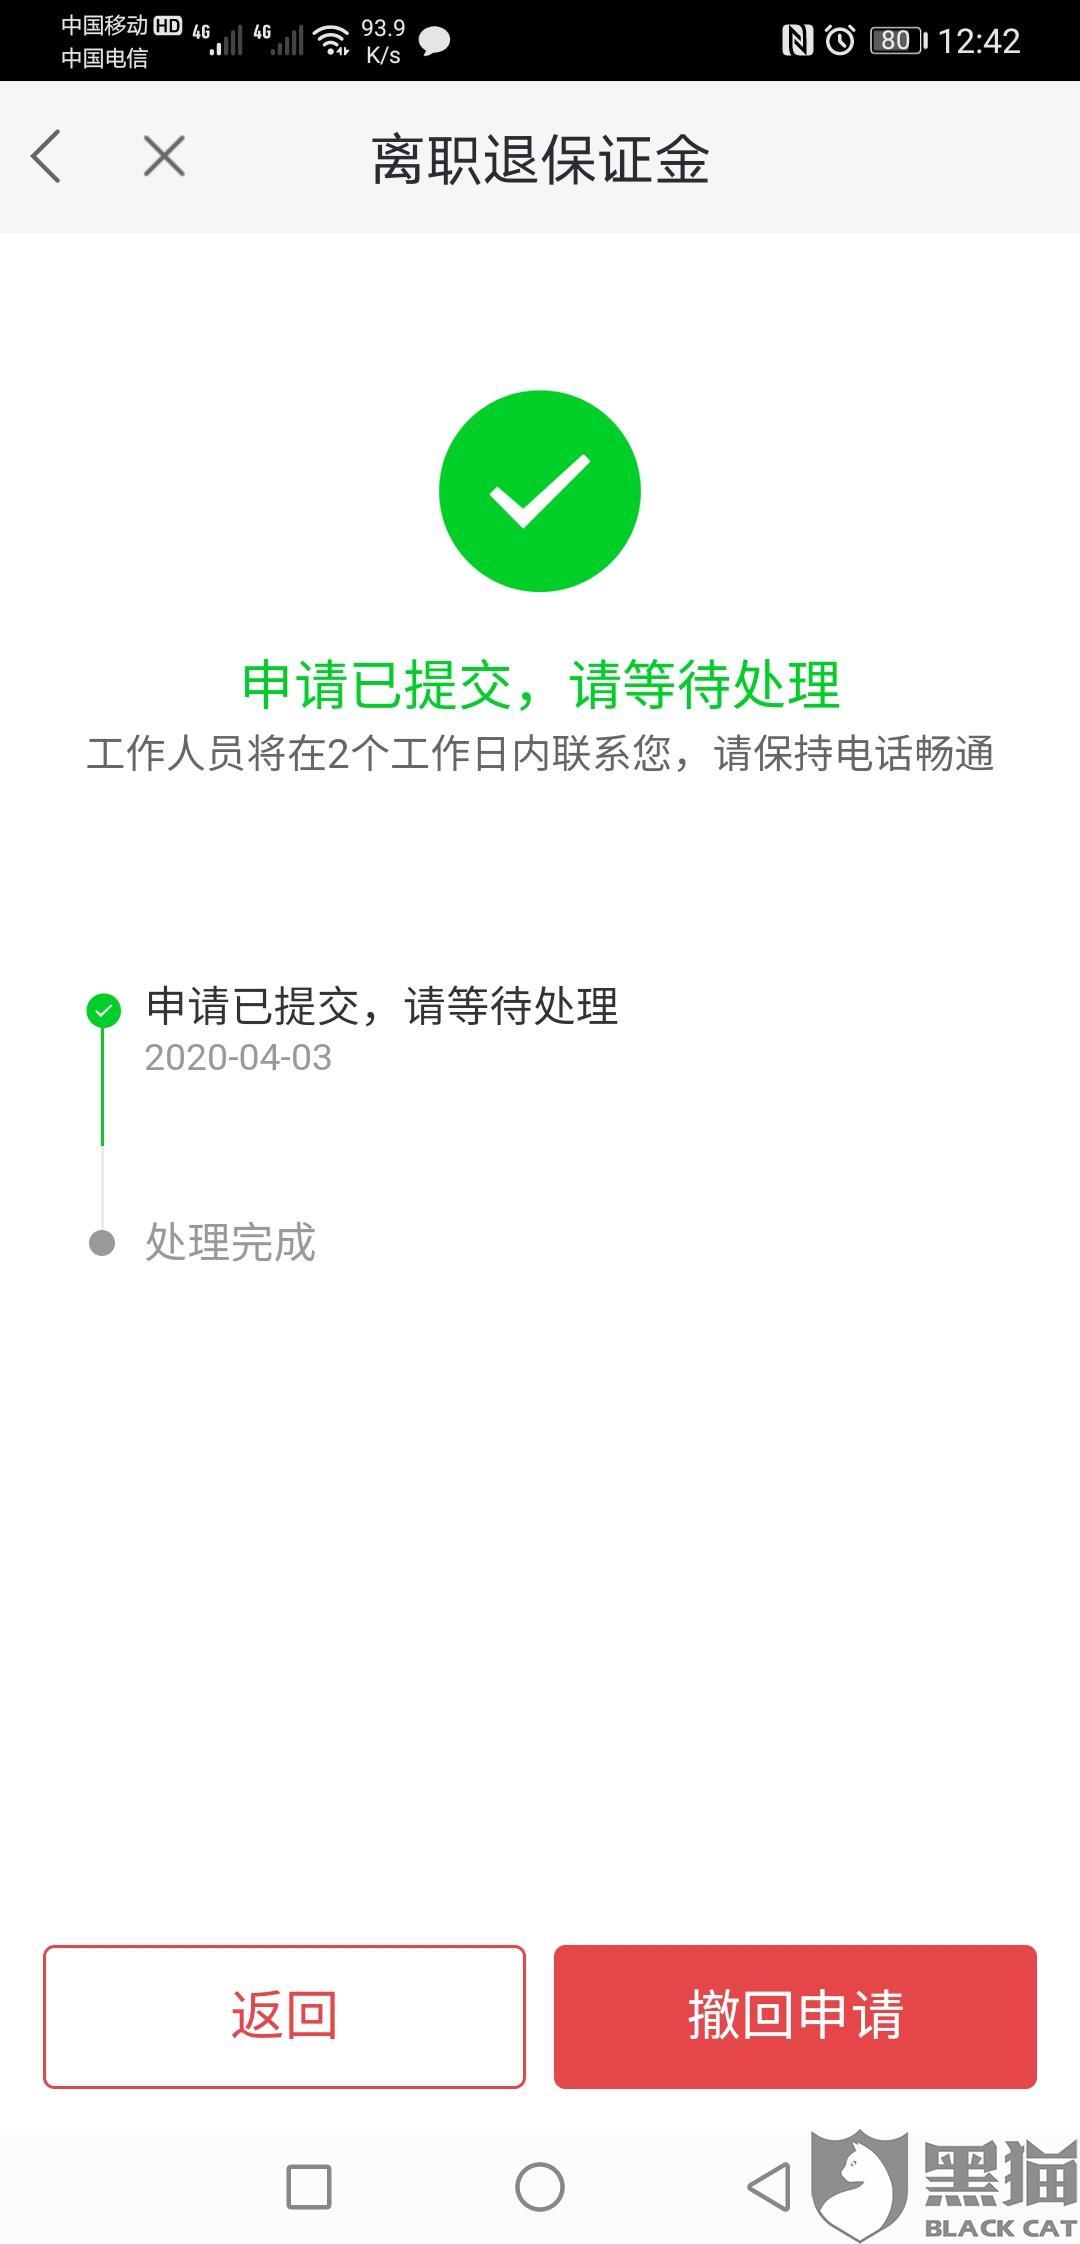 黑猫投诉:快狗打车官方微博用时6小时解决了消费者投诉